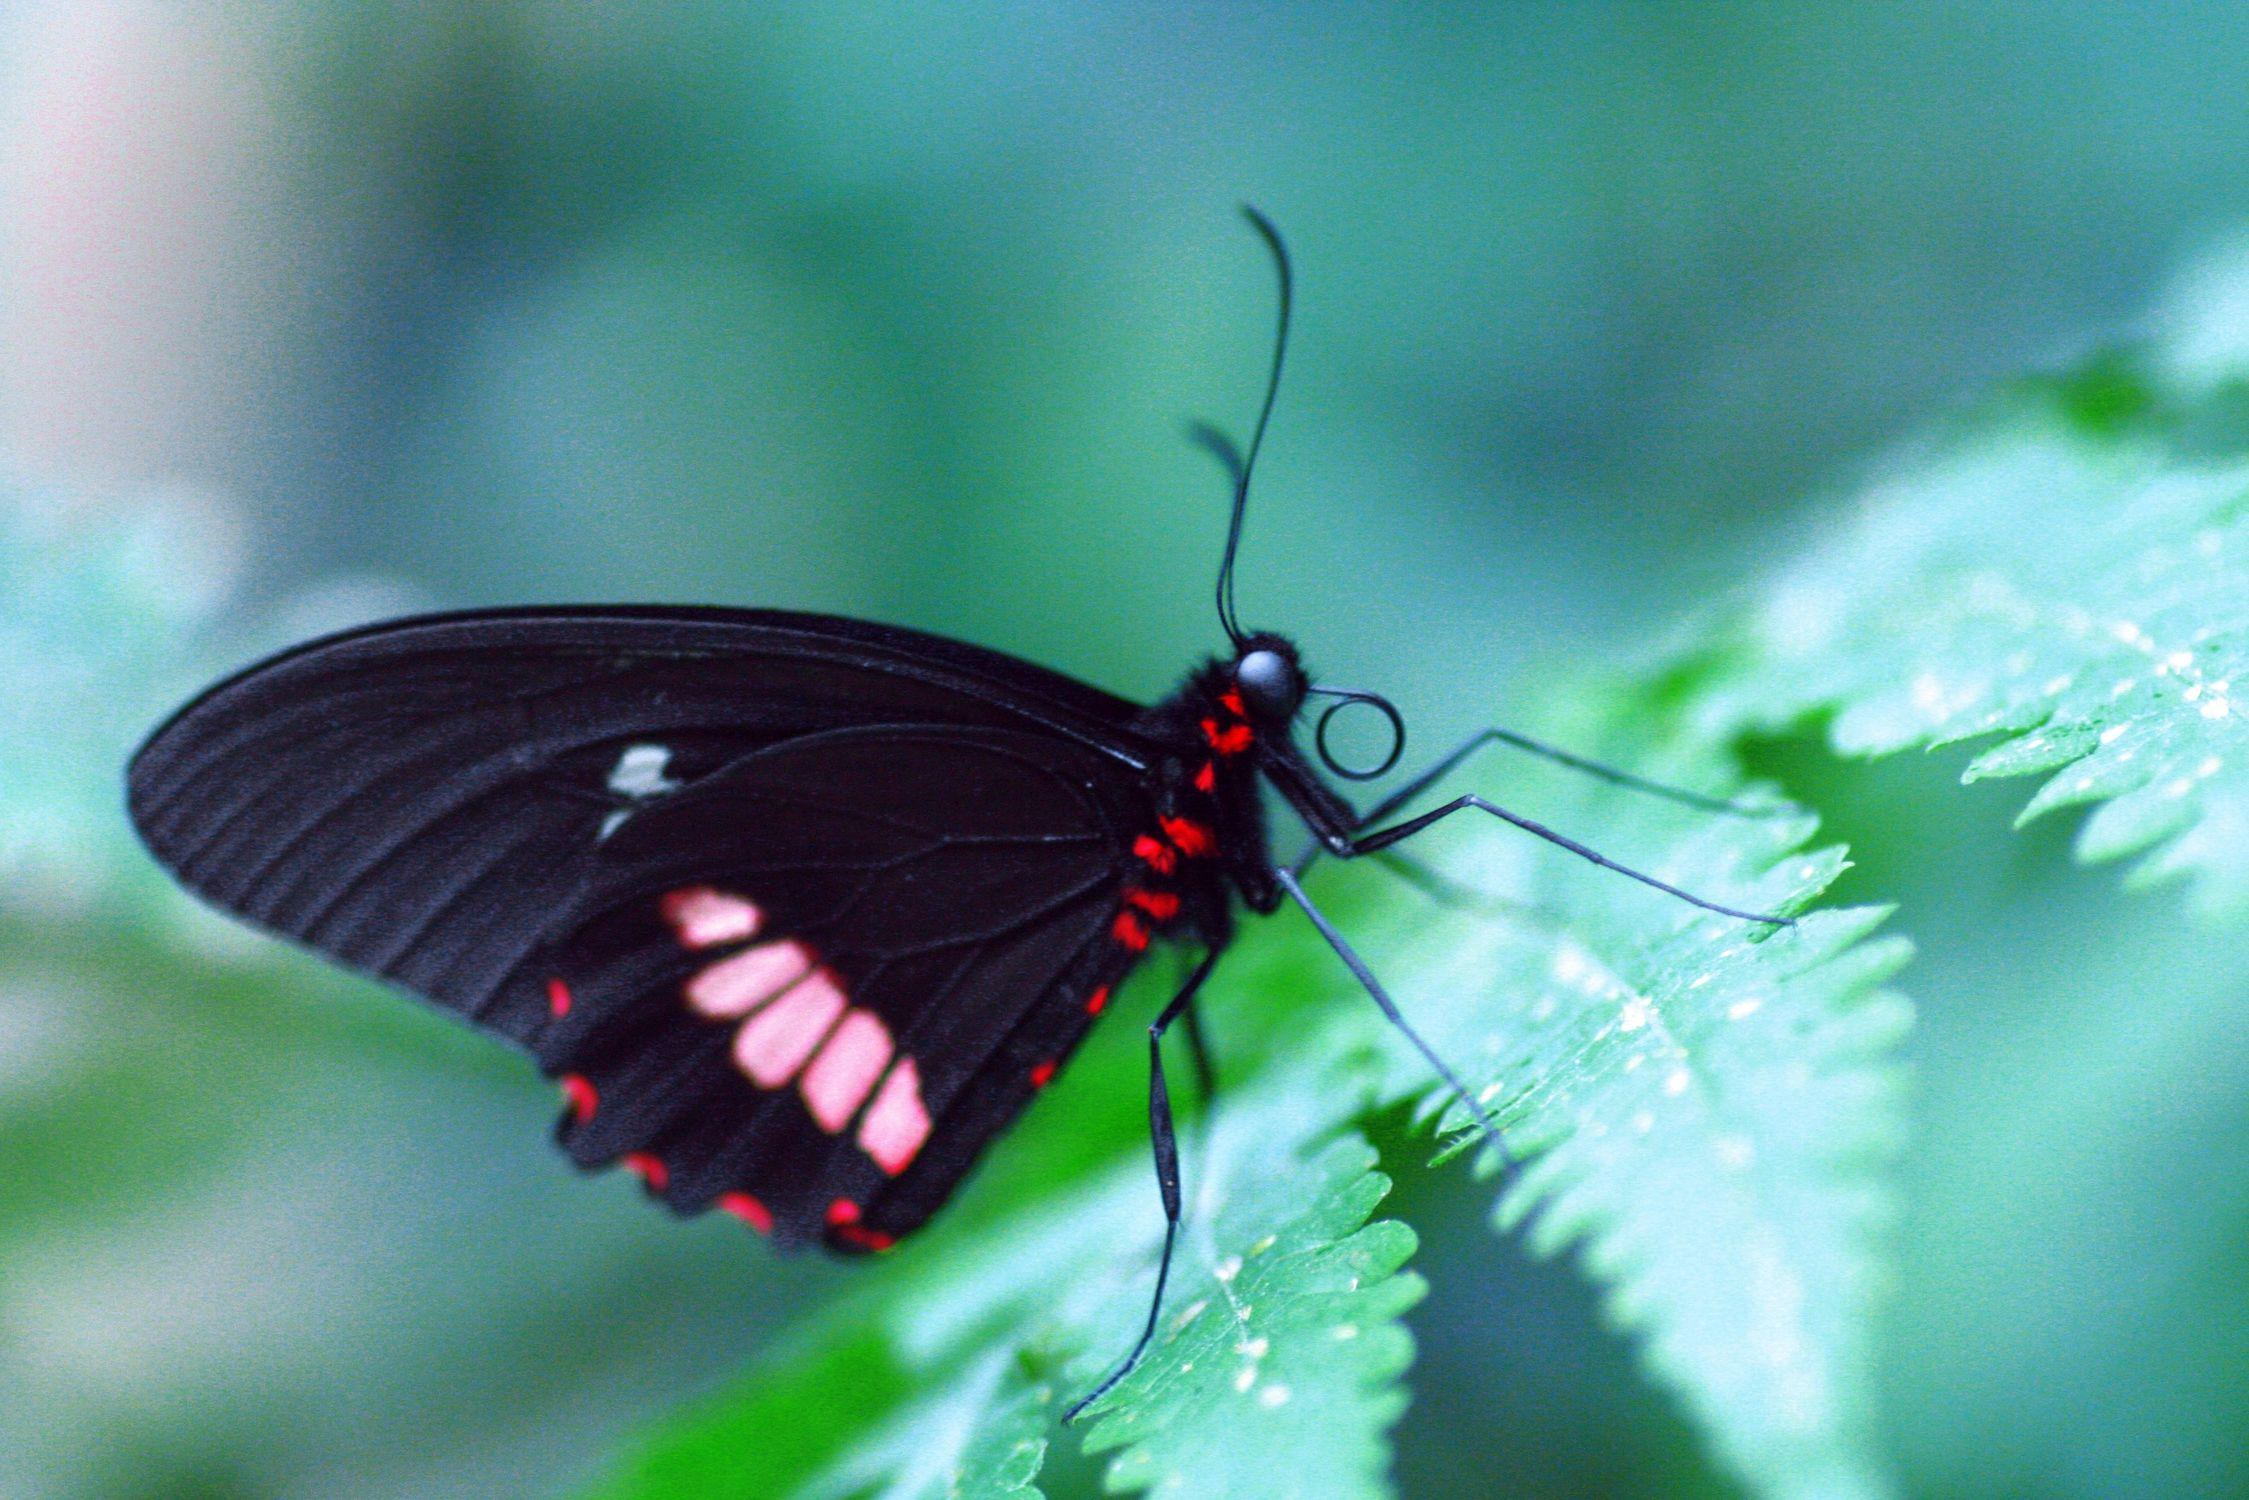 Bild mit Tiere, Natur, Insekten, Flügel, Schmetterlinge, Schmetterling, Insekt